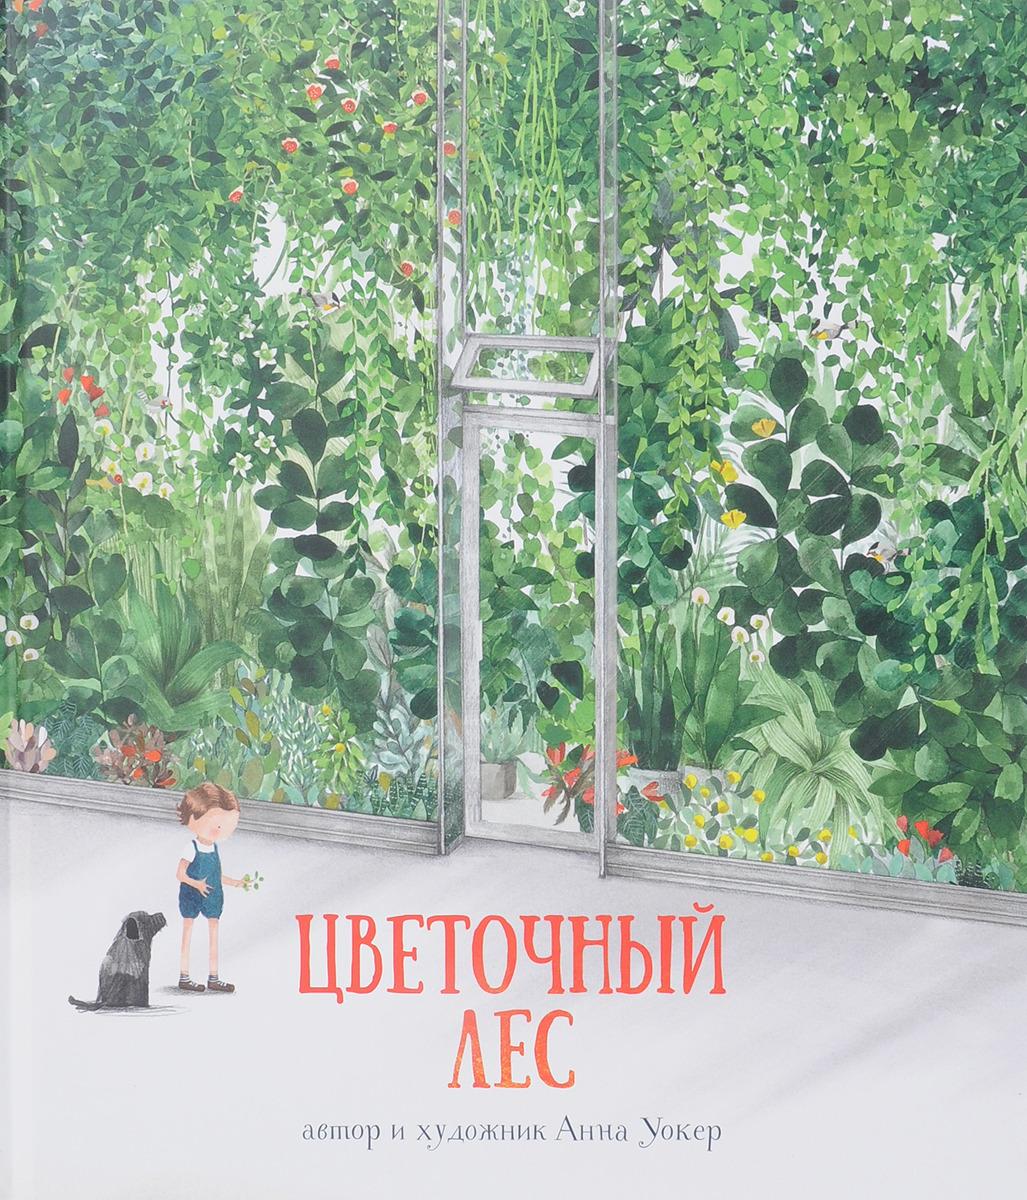 Уокер А. Цветочный лес